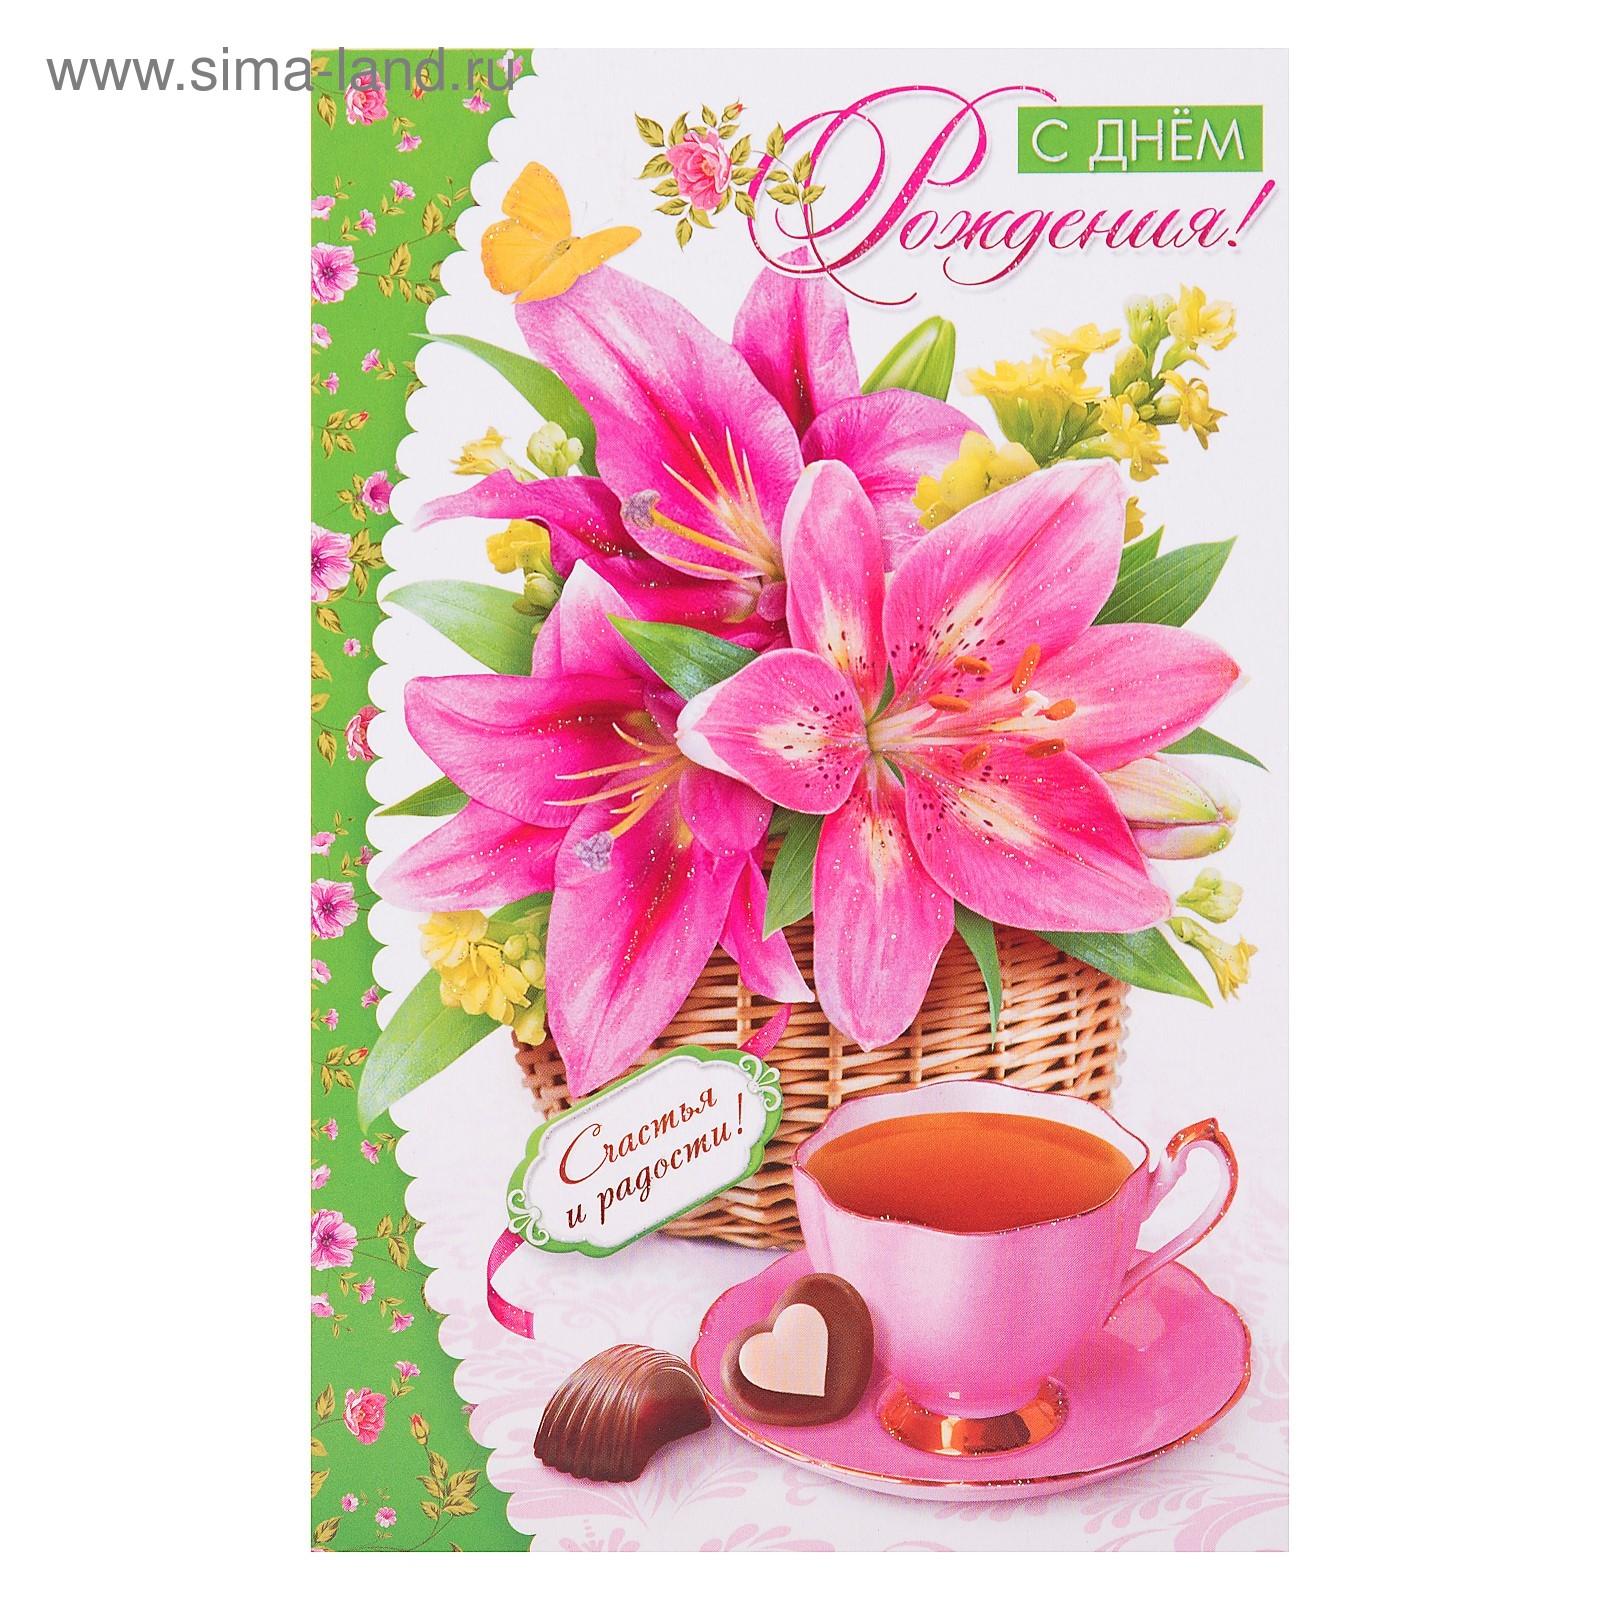 Открытка для лилии с днём рождения